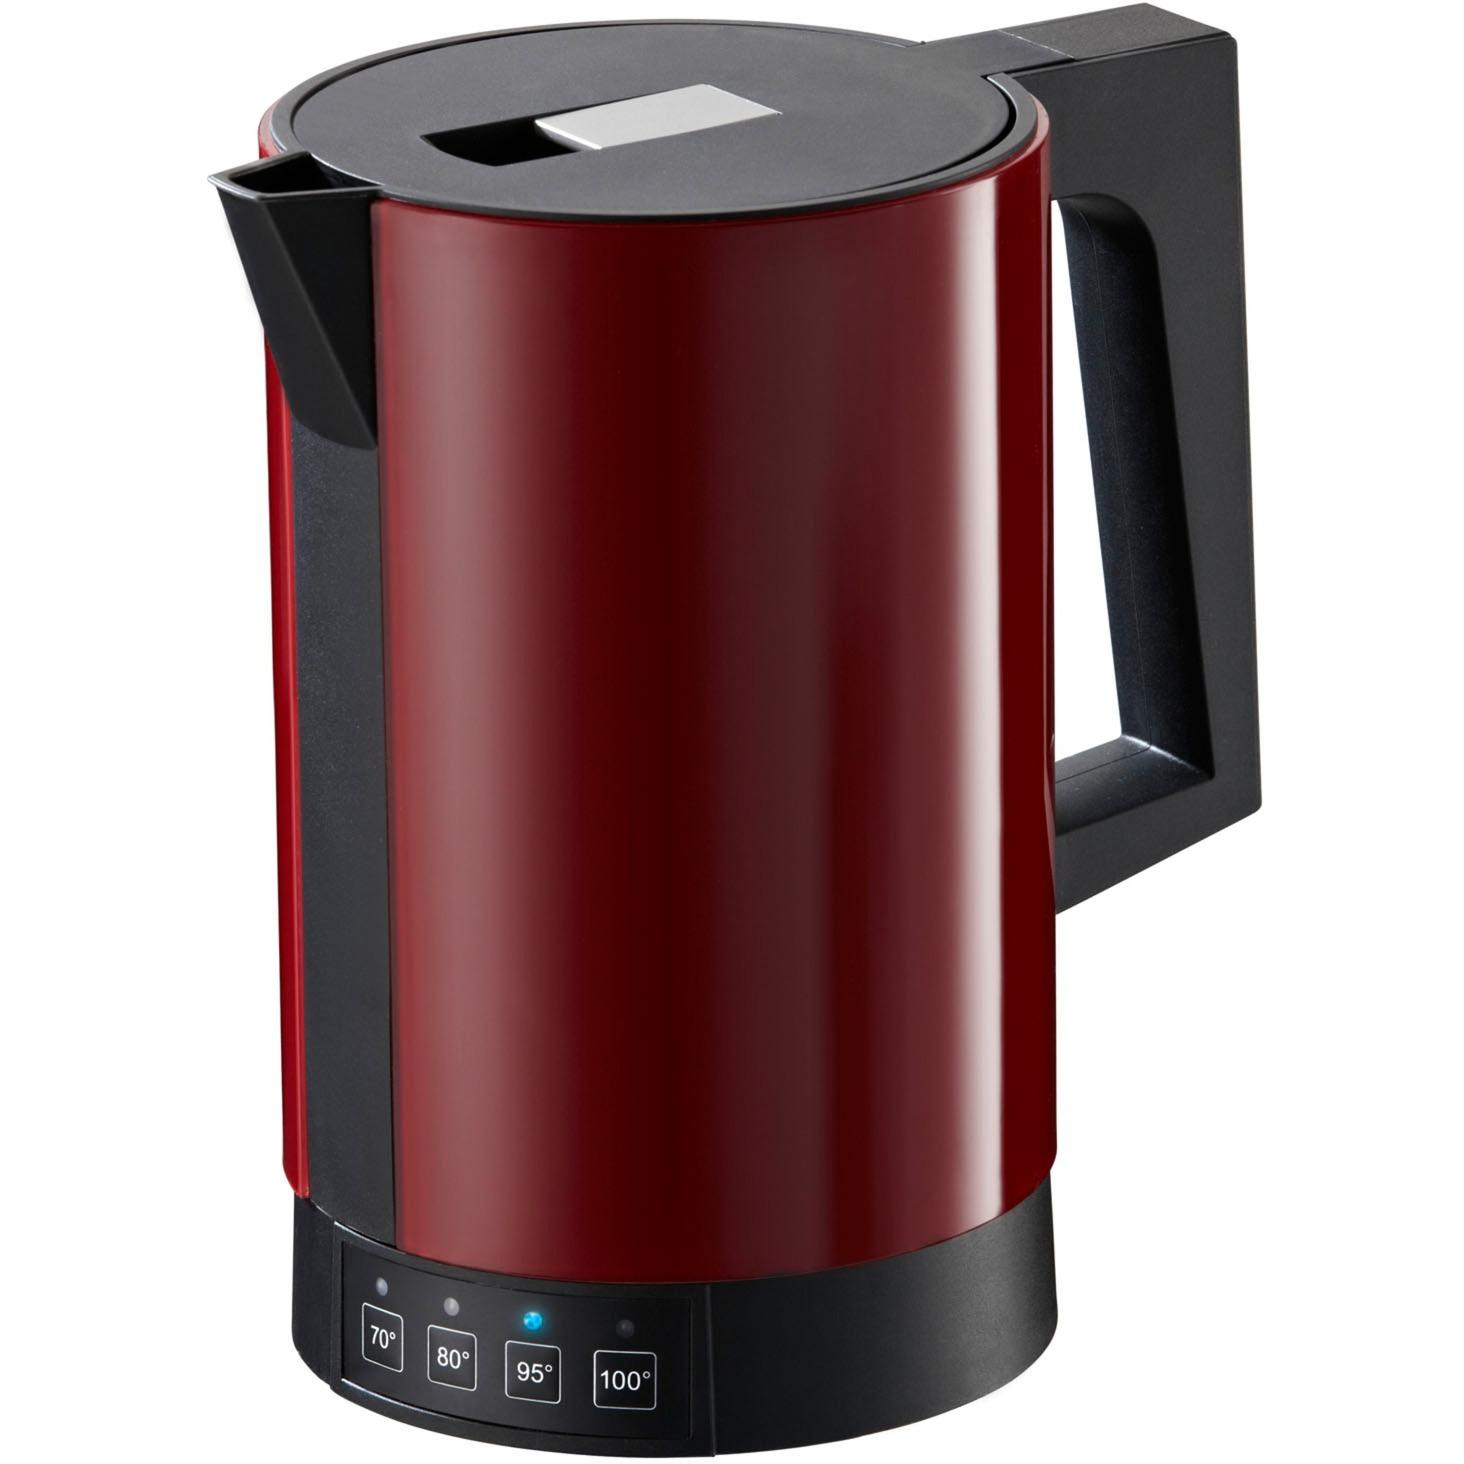 fontana5 tetera eléctrica 1,1 L Rojo 2800 W, Hervidor de agua